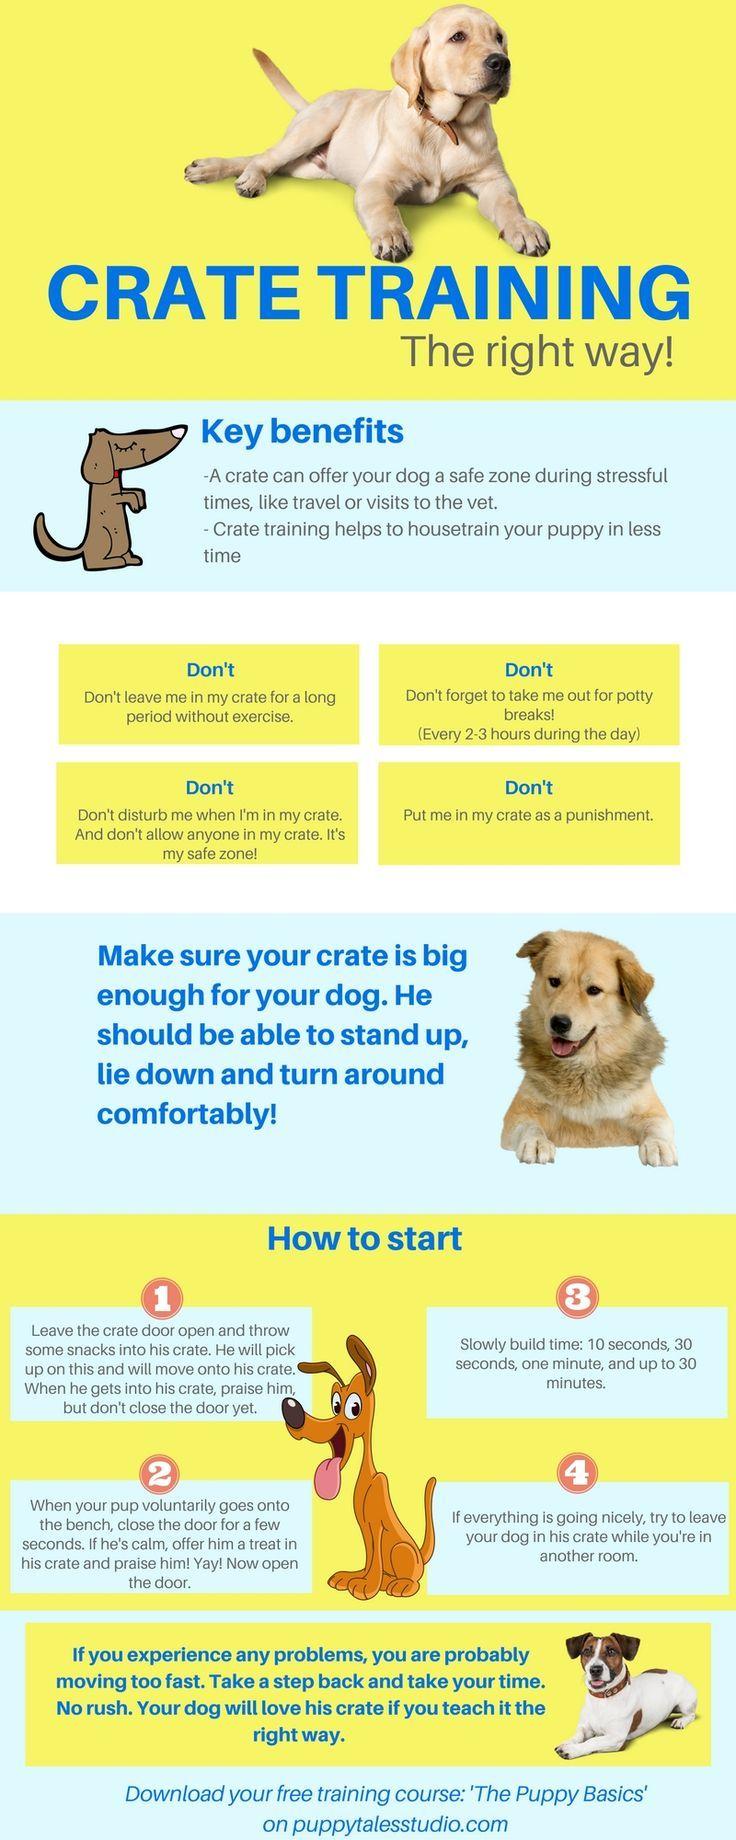 How Do You Potty Train A Dog Fast